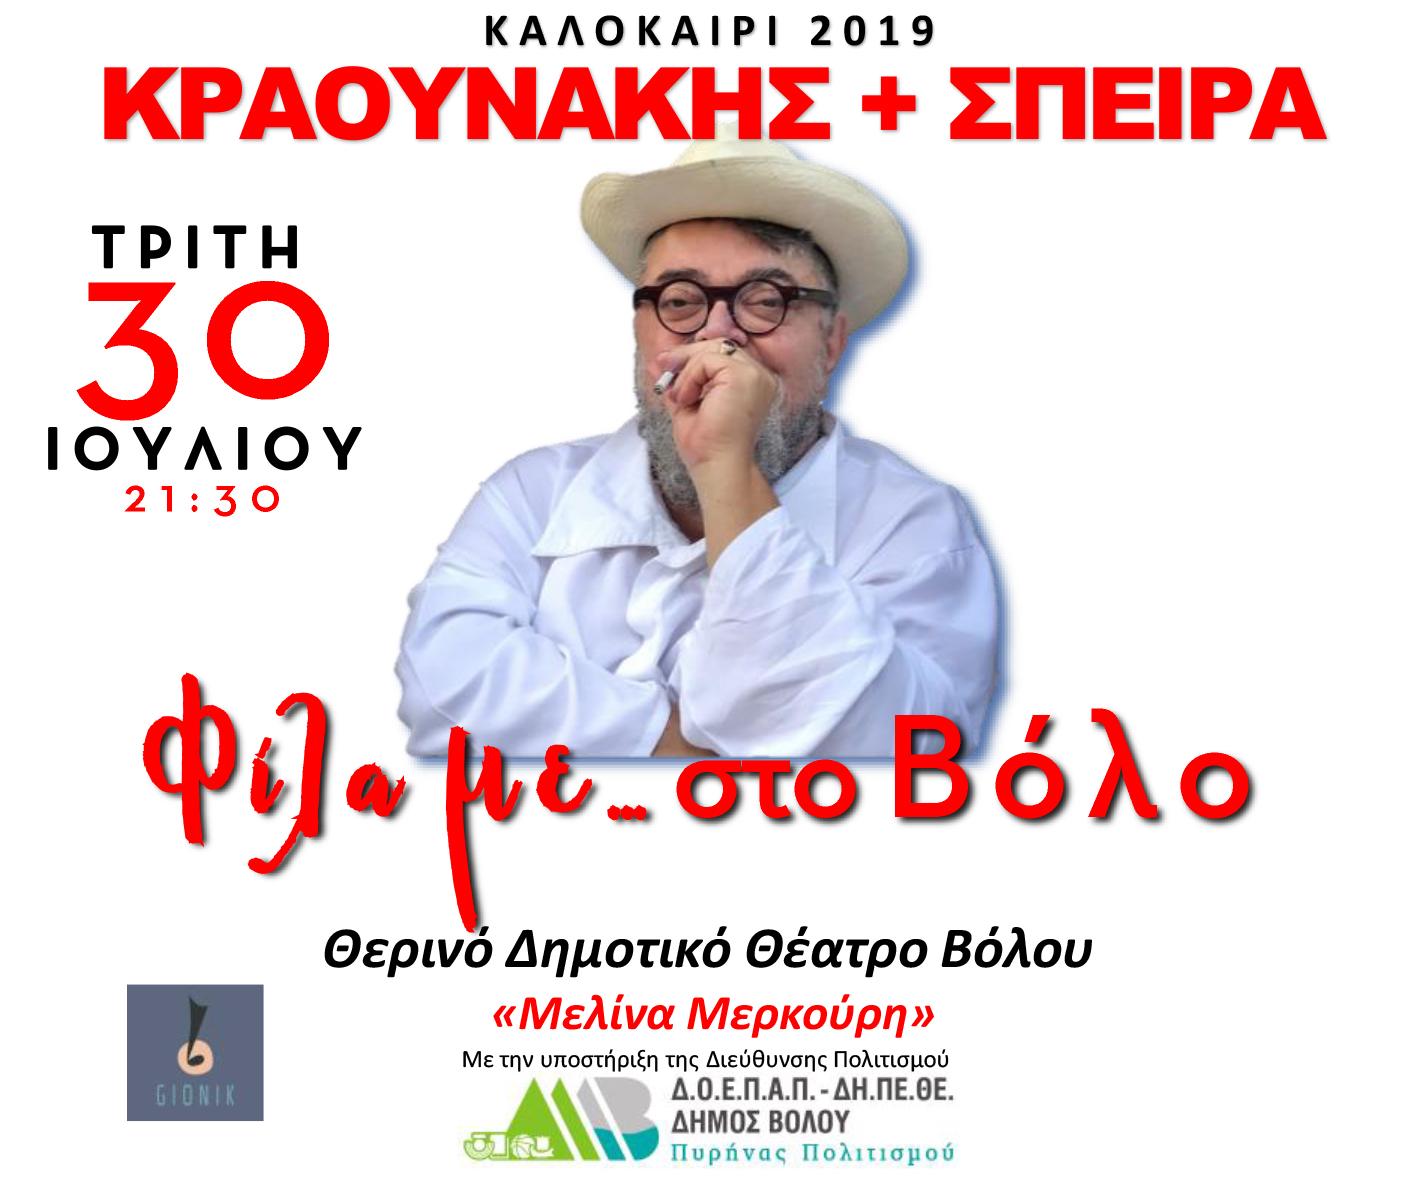 https://www.taxydromos.gr/Exodos/338217-fila-me-ston-bolo.html